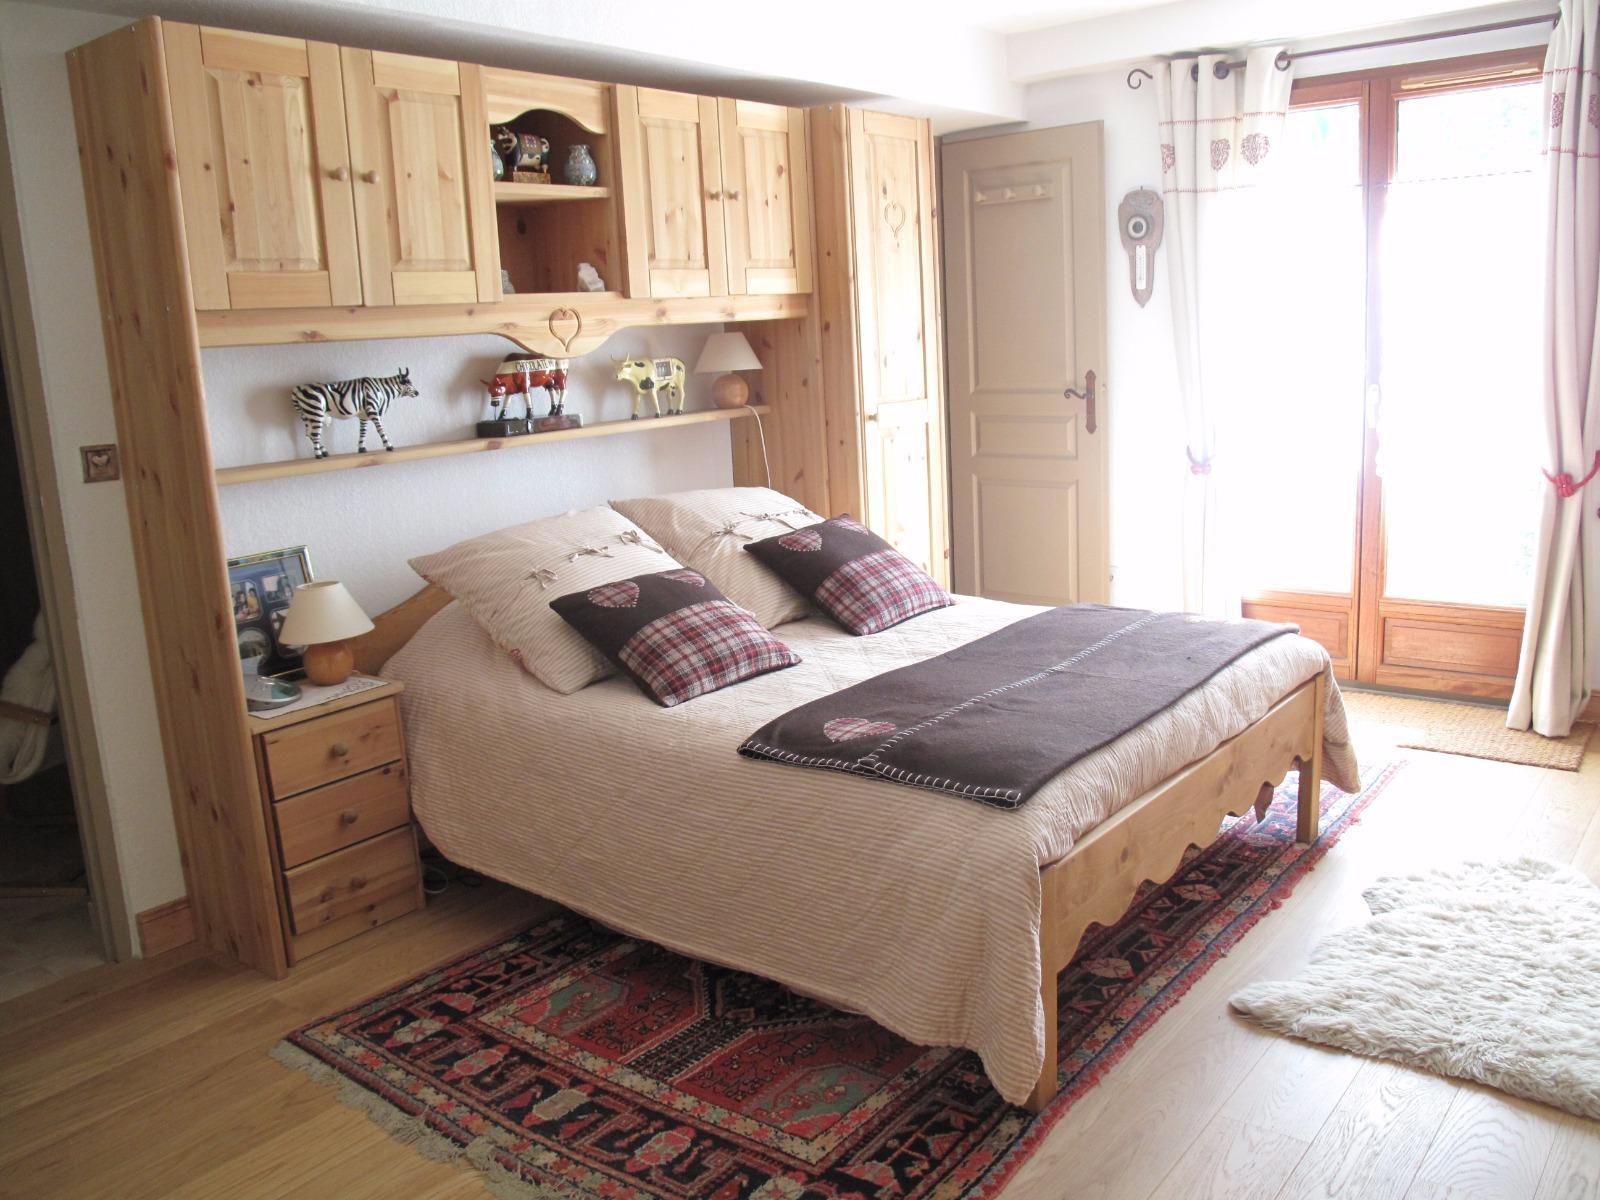 Offres de vente Maisons / Chalets Brides-les-Bains 73570